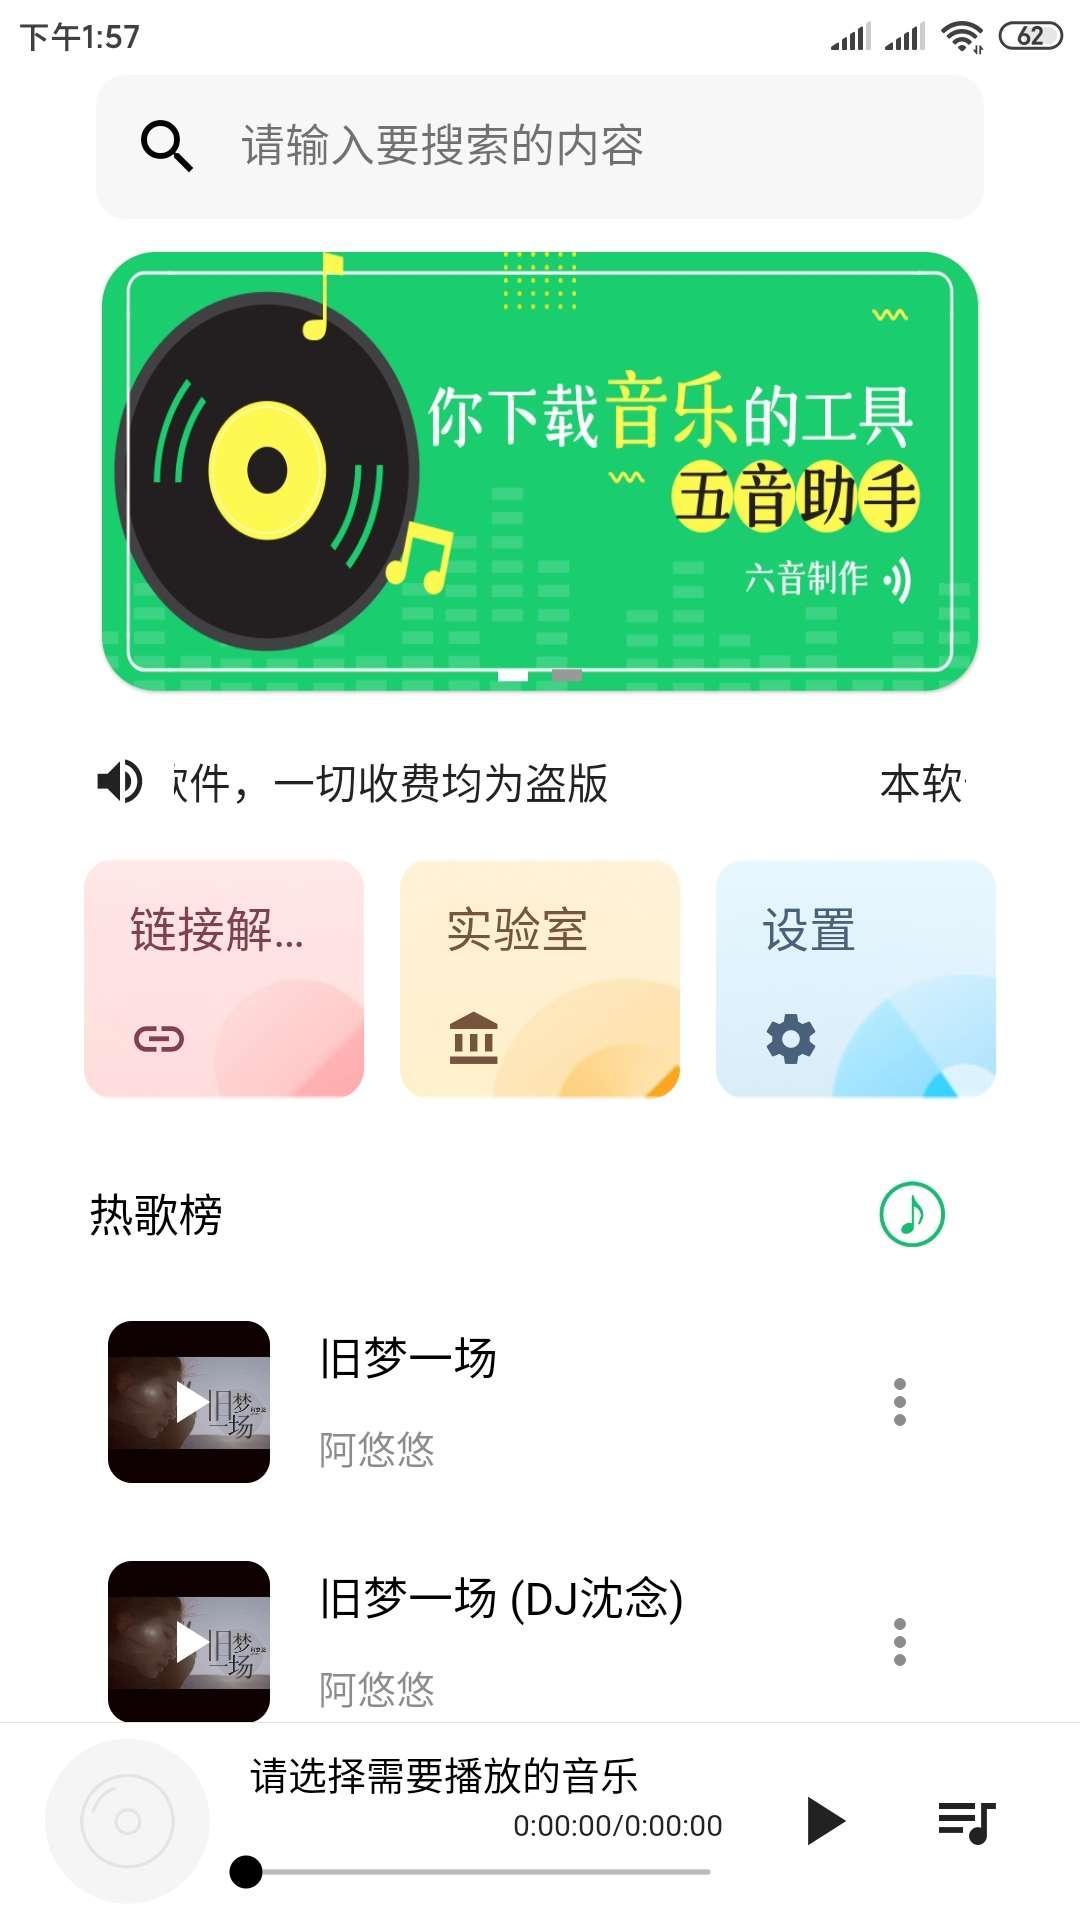 【分享】五音助手v2.3.1 白嫖收费无损音乐资源